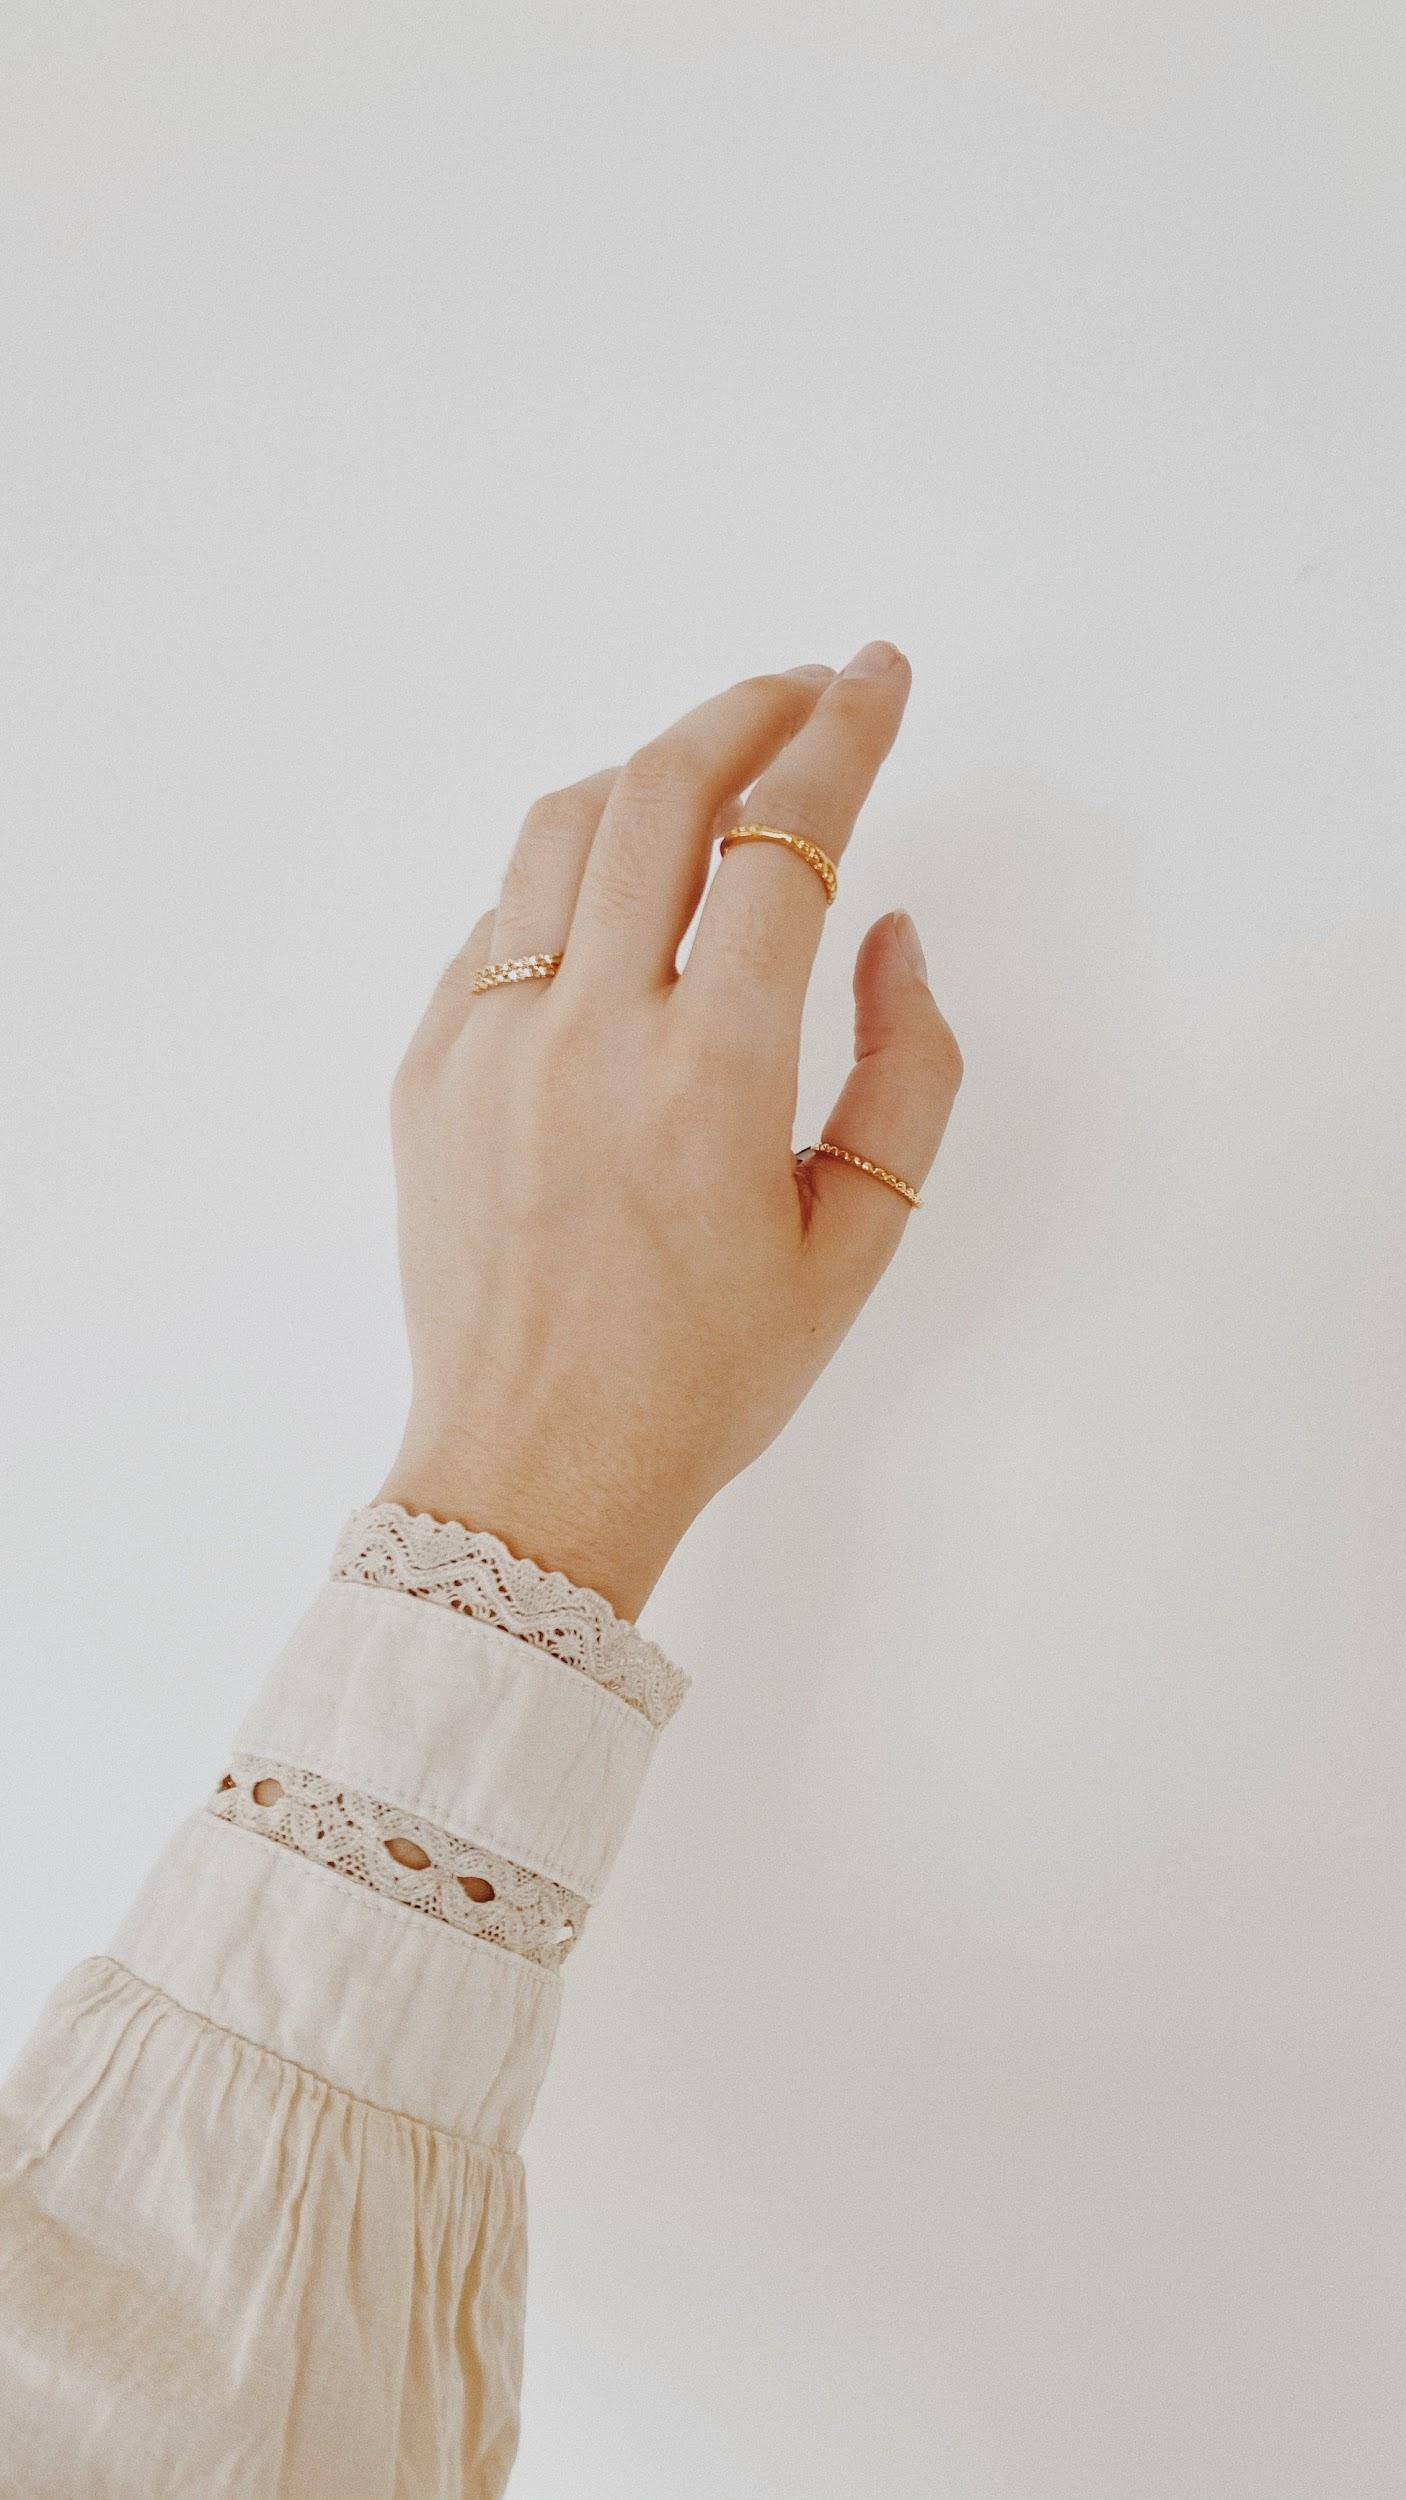 Žiedų nešiojimo reikšmės